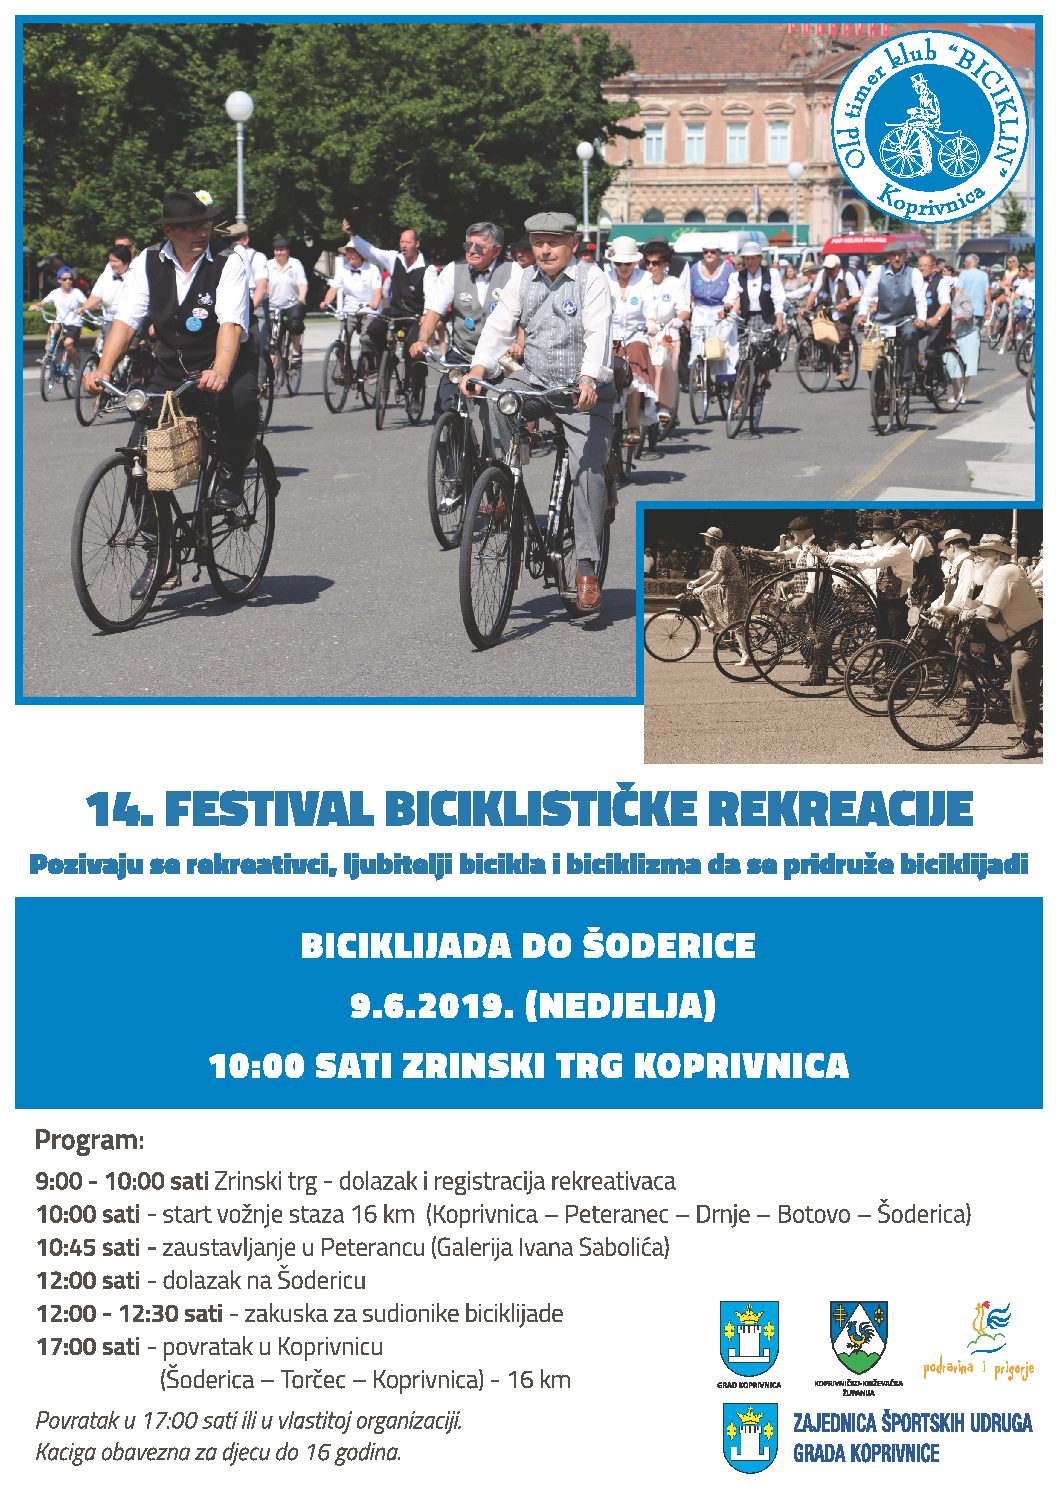 14. Festival biciklističke rekreacije